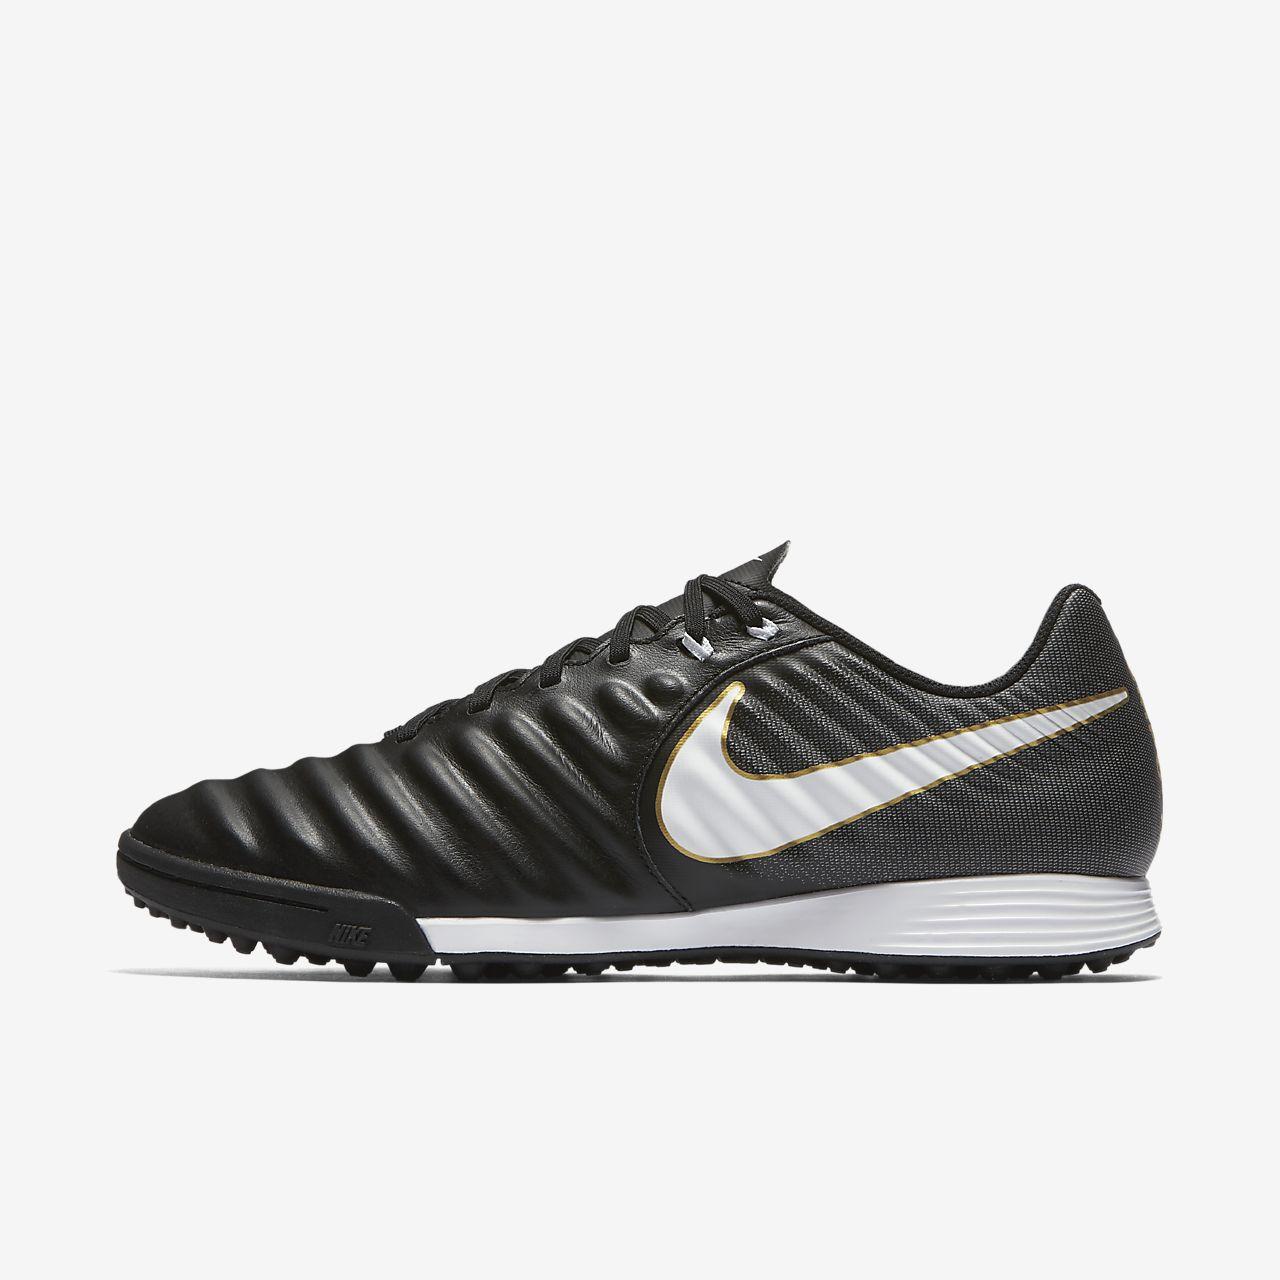 Zapatillas de deporte en negro 897766-002 Football Legendx 7 Astro Turf de Nike NIKE SPORTWEAR grGwkU